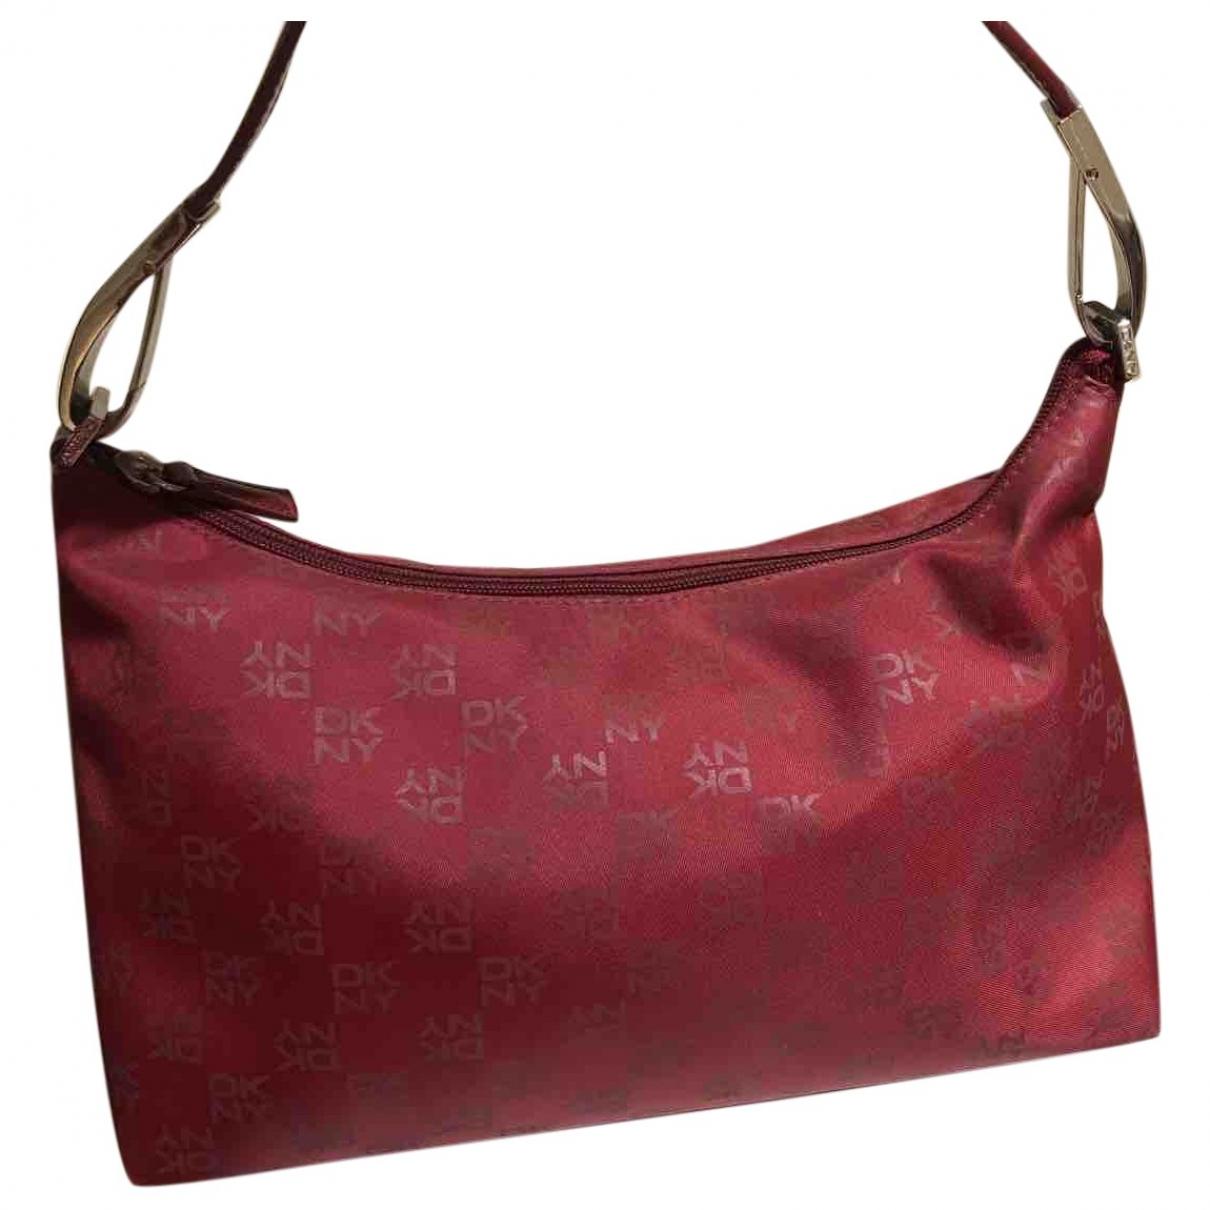 Dkny \N Handtasche in  Rot Leinen